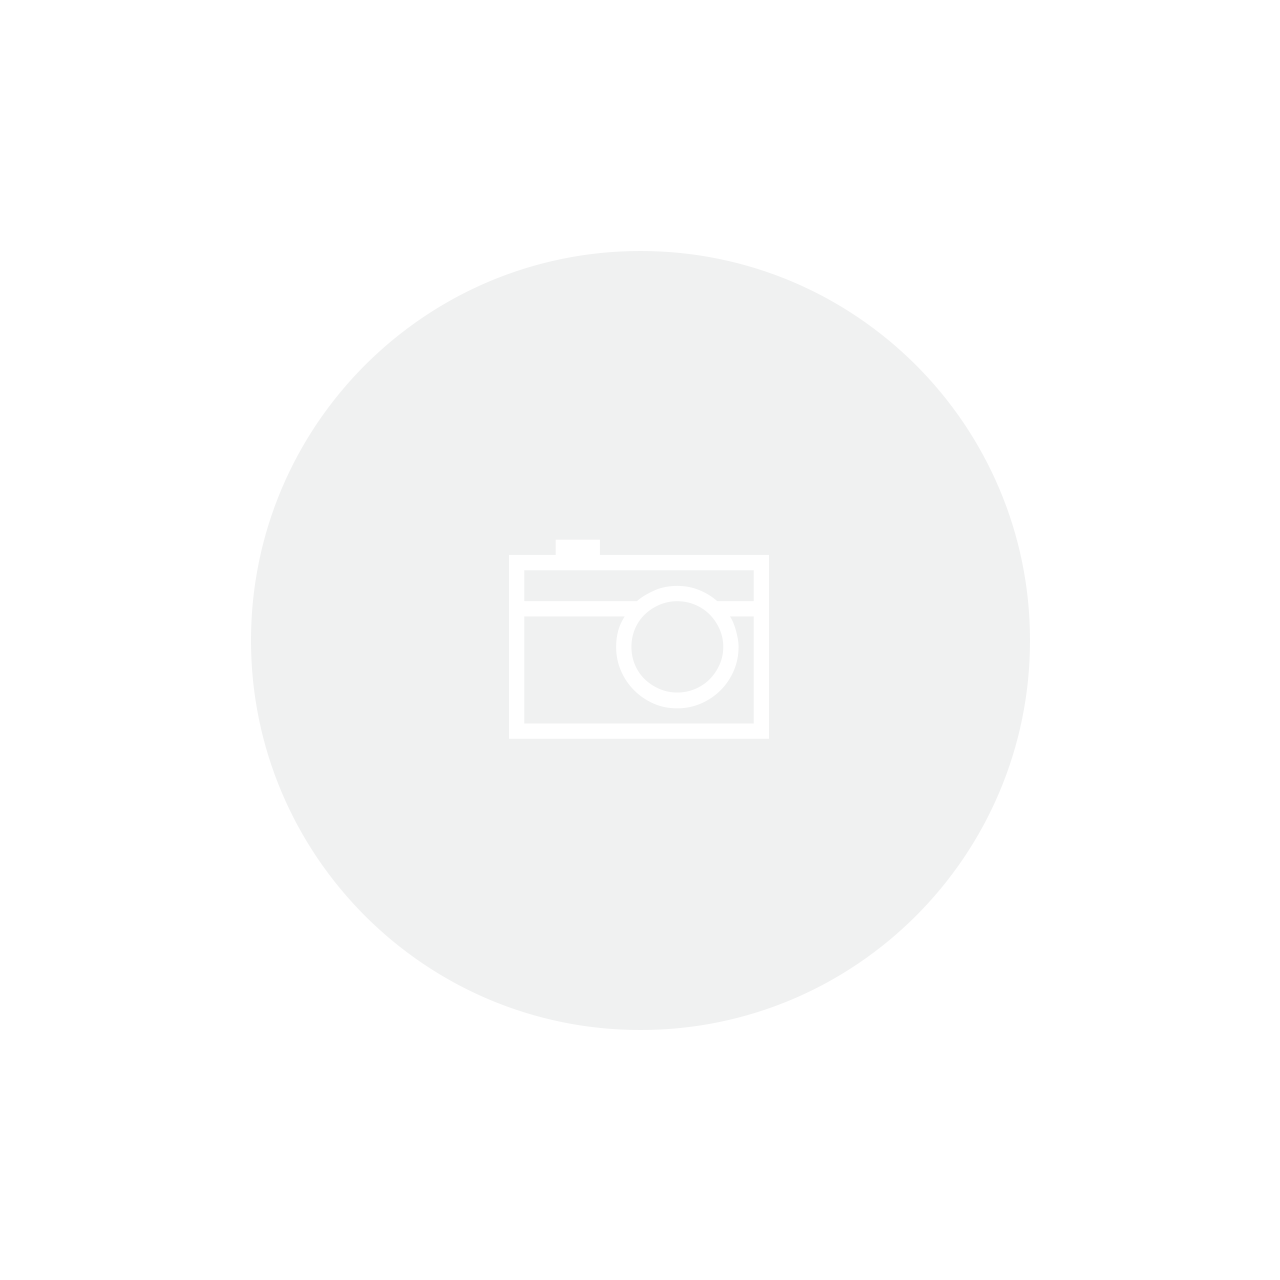 Caixa Madeira Branca 21x21x11cm